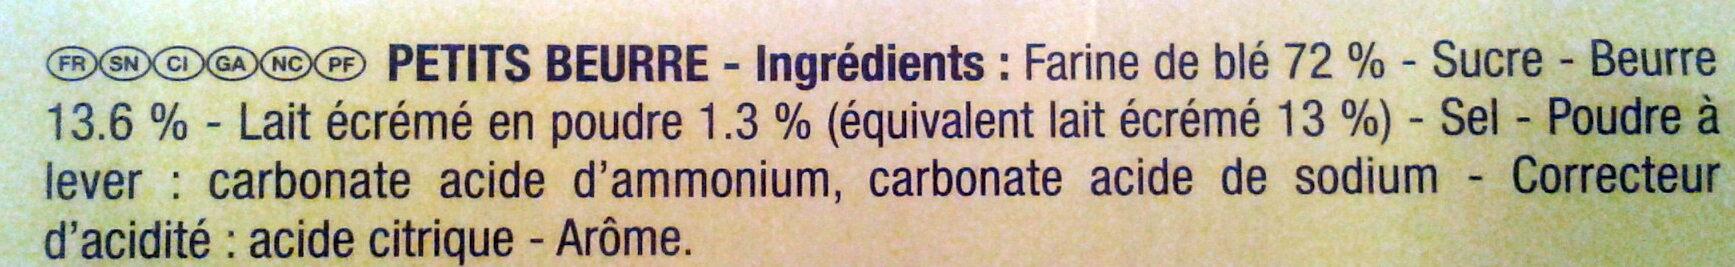 Veritable petit beurre - Ingrédients - fr